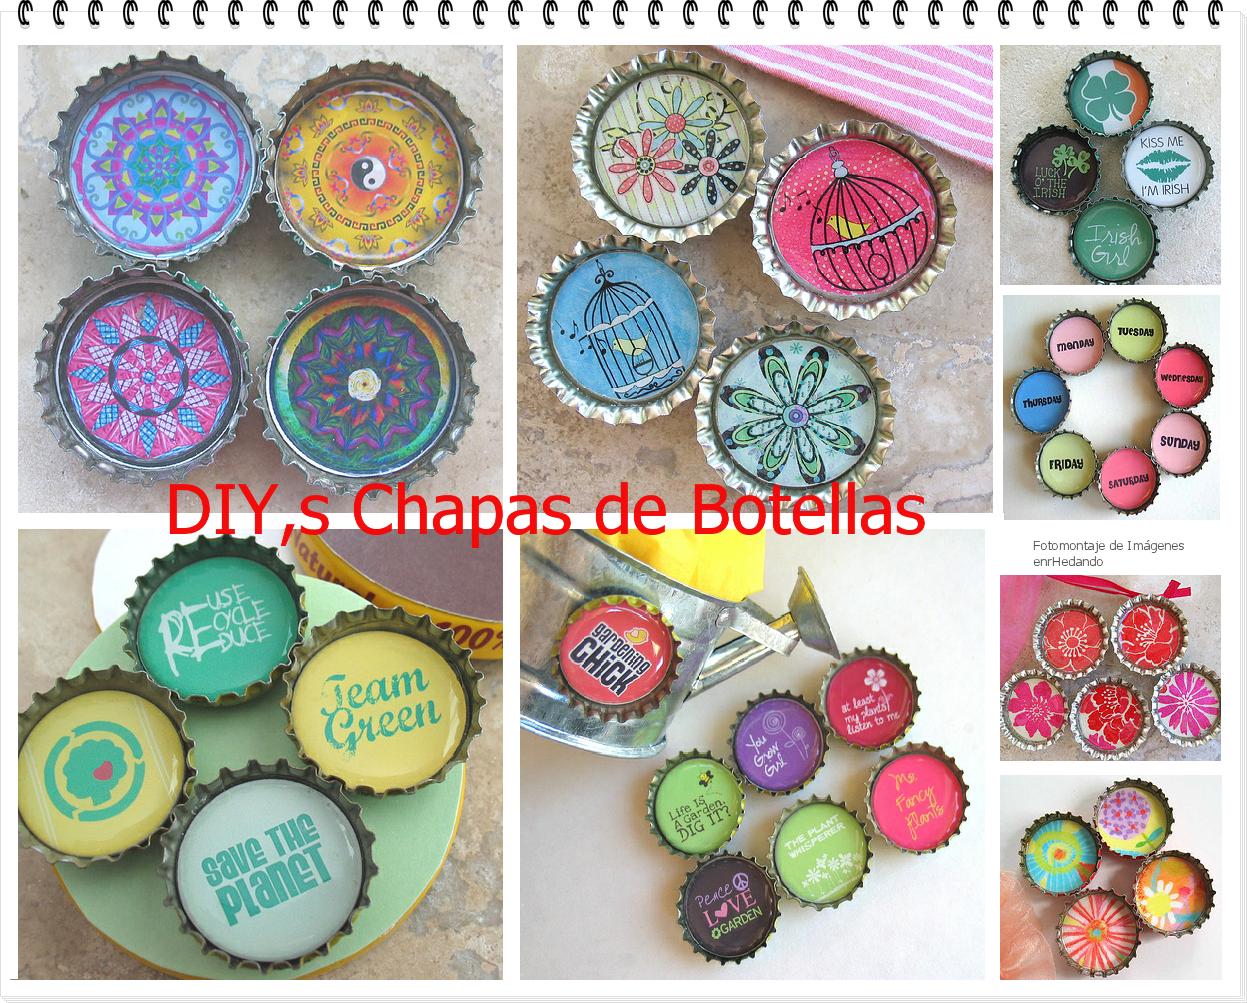 Enrhedando tutoriales diy s con chapas de botellas plantillas tapas de botellas botellas - Manualidades con chapas de refrescos ...